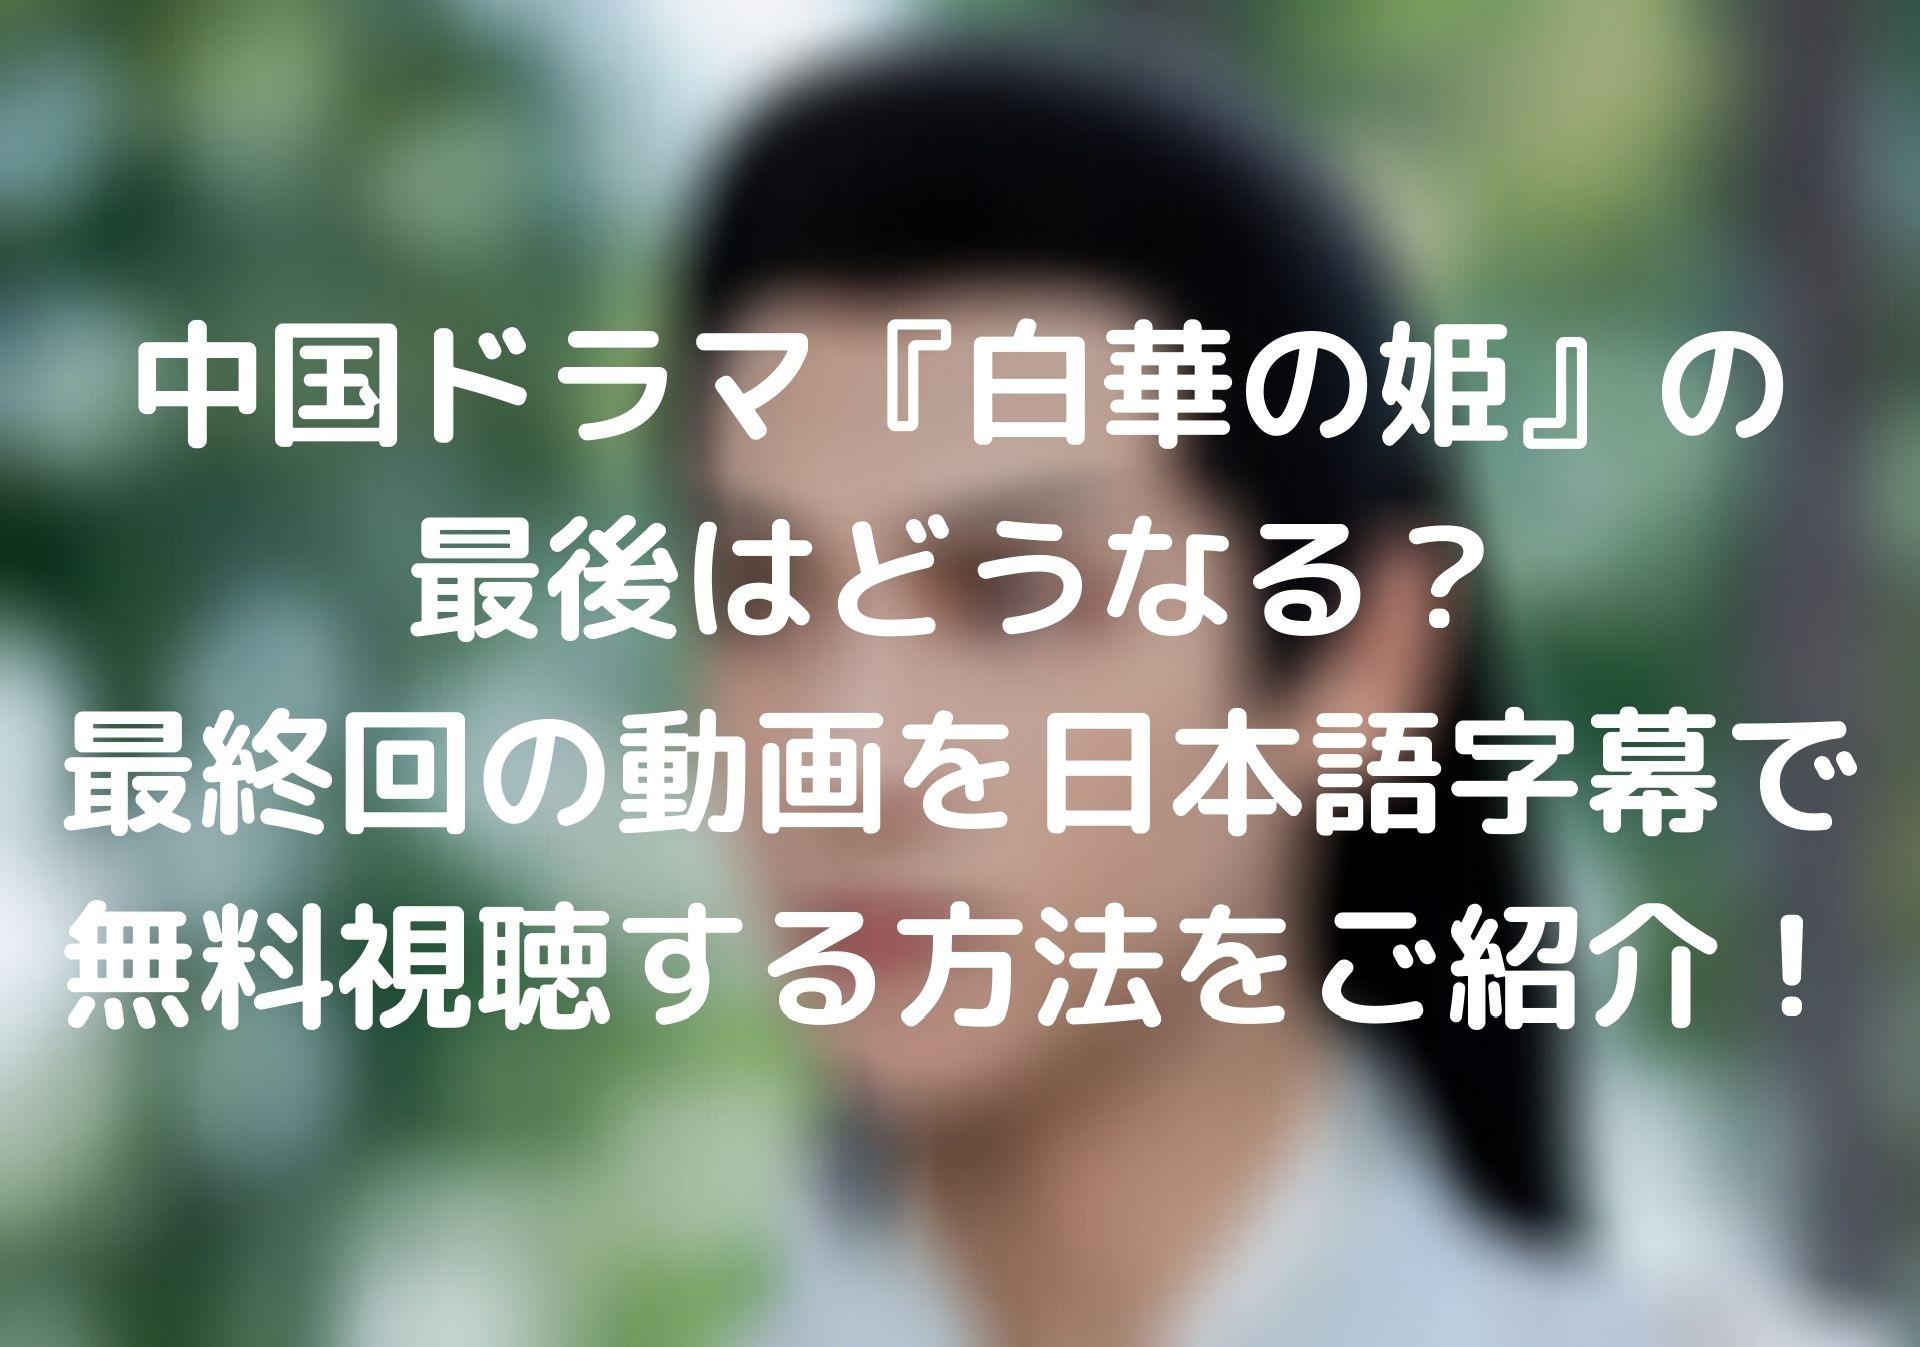 中国 ネタバレ エイラク ドラマ